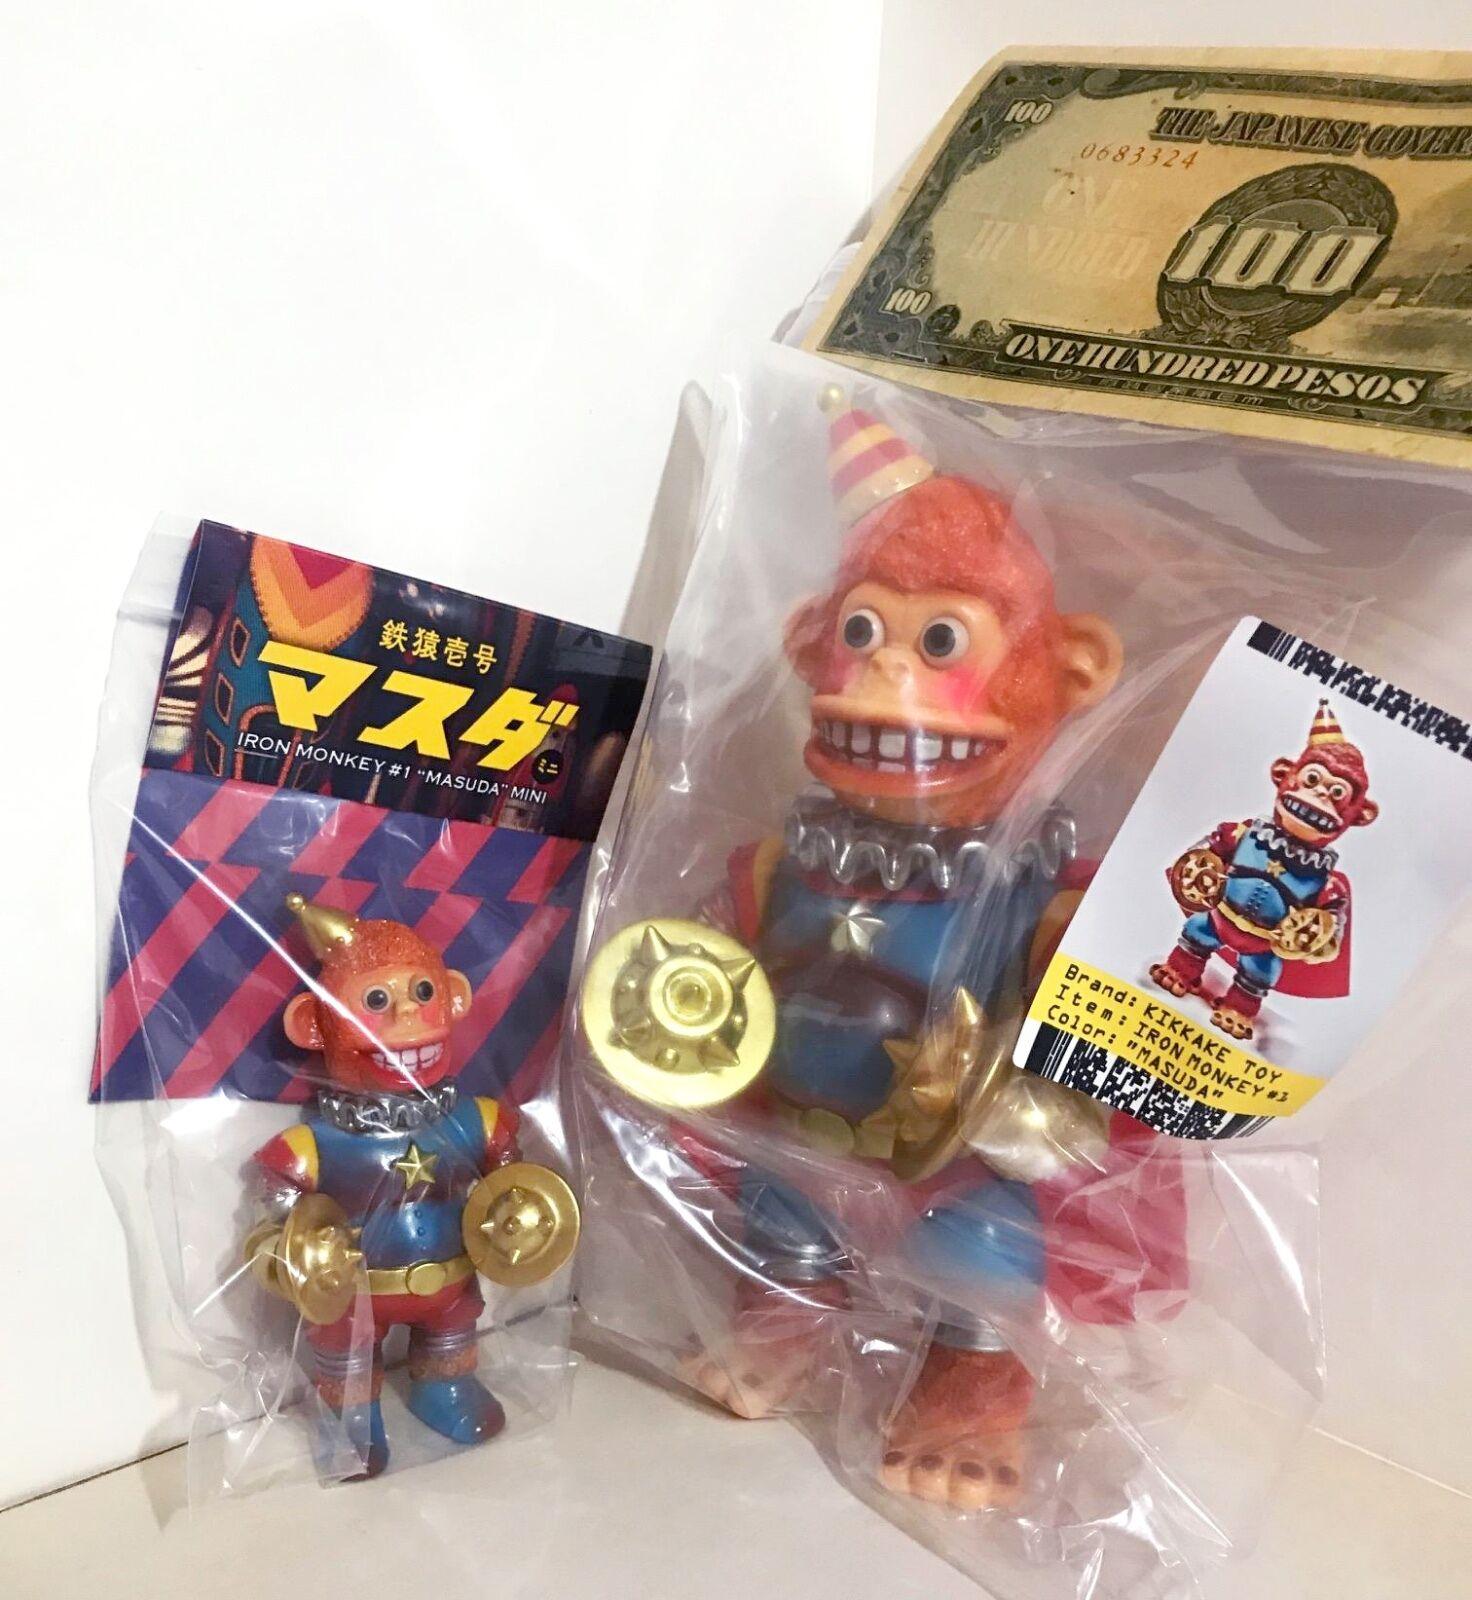 KIKKAKE leksak IRON MONKEY nr.1 & MINI MASUDA SET Sofubi japan kaiju